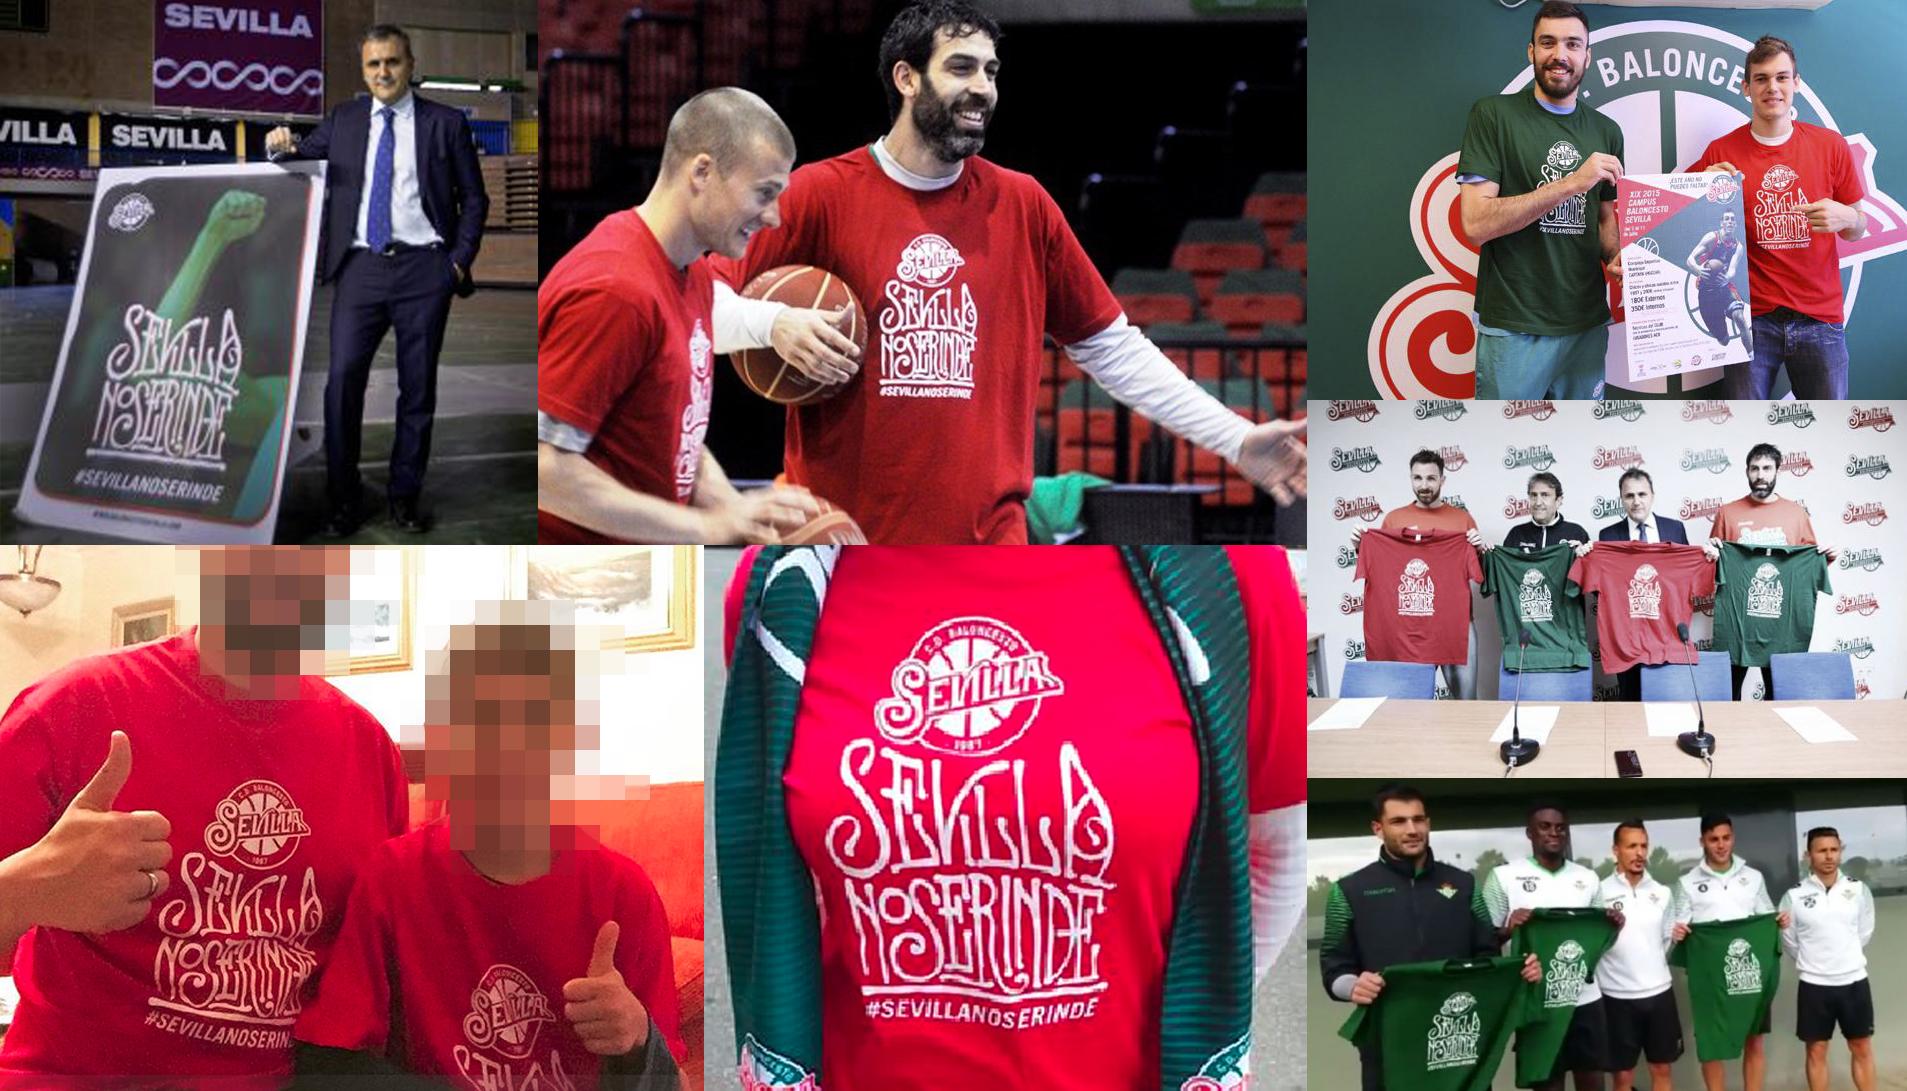 CD Baloncesto Sevilla Hotartworks Hota Abenza campaña SNSR2